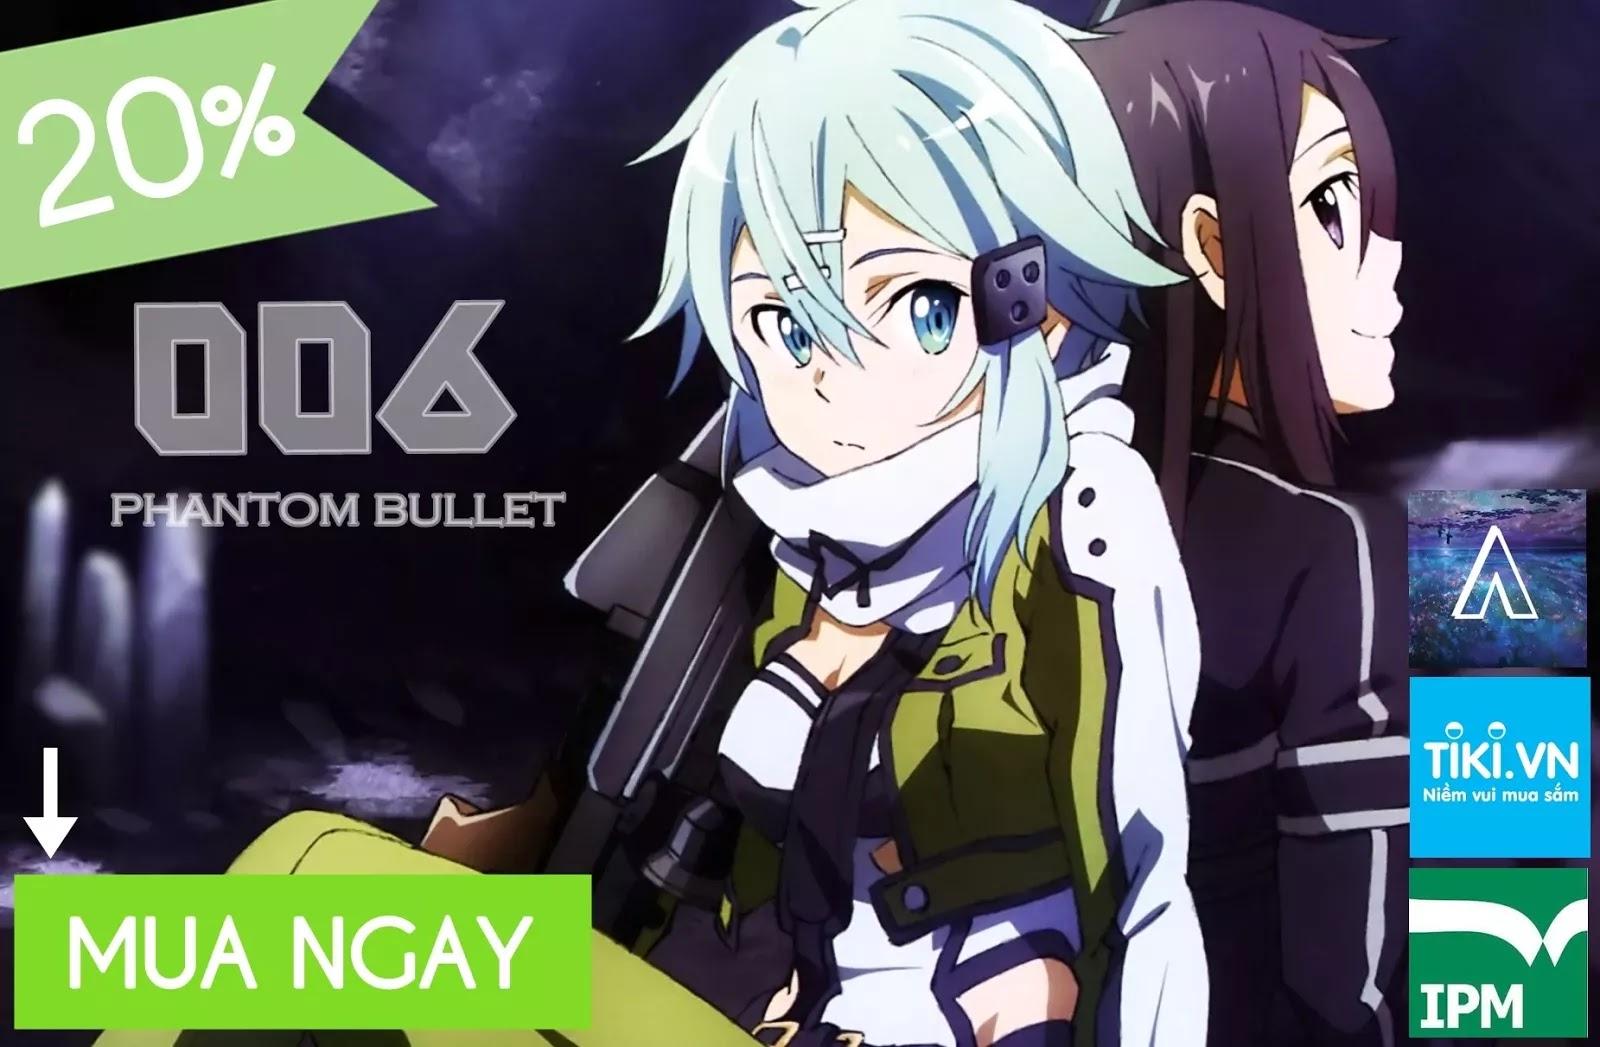 phan-tom-bullet